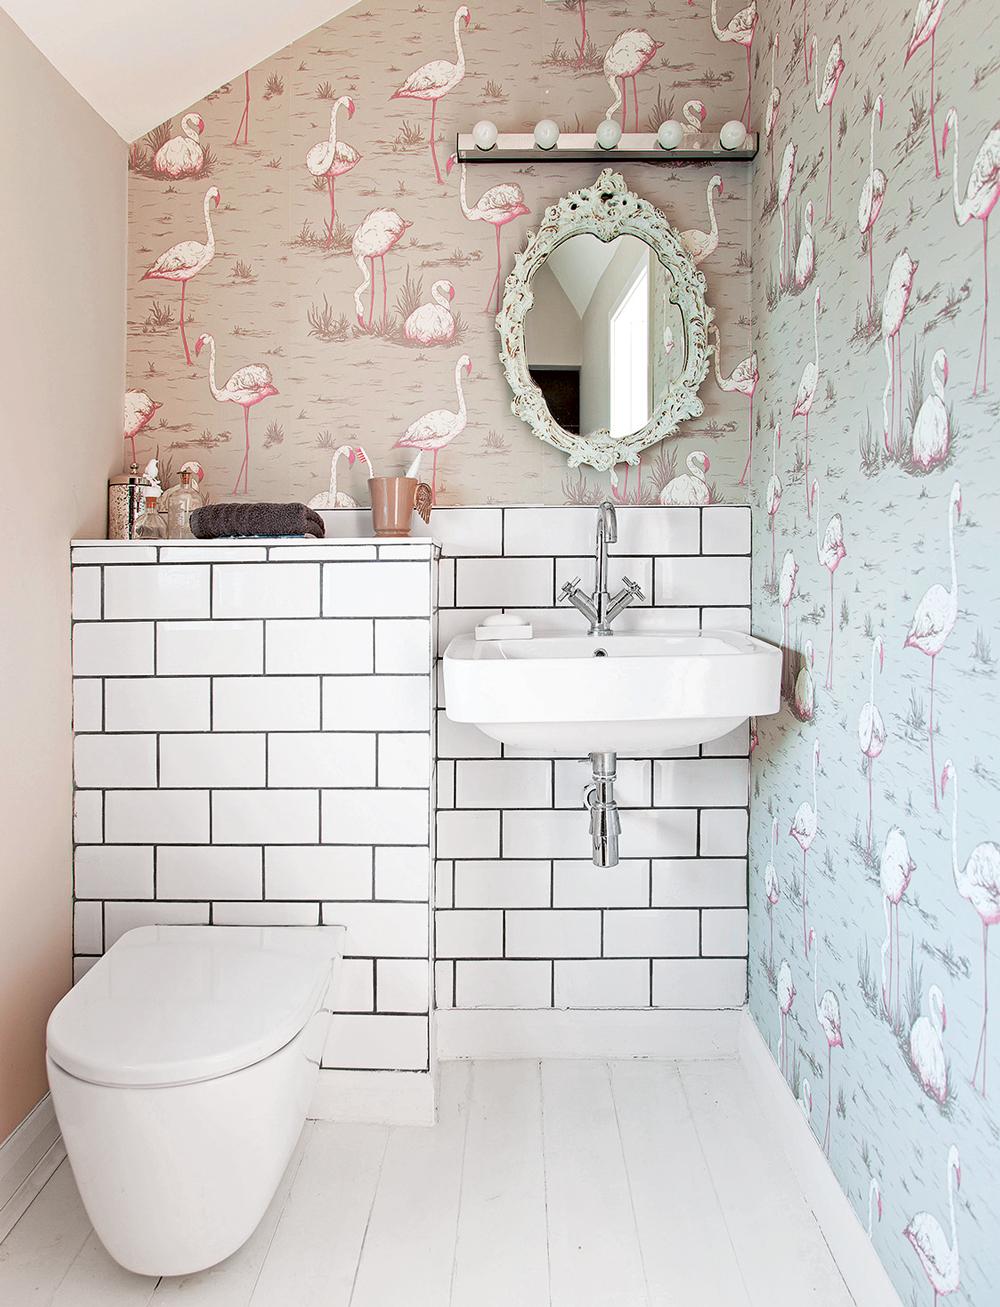 Обои в туалете с фламинго